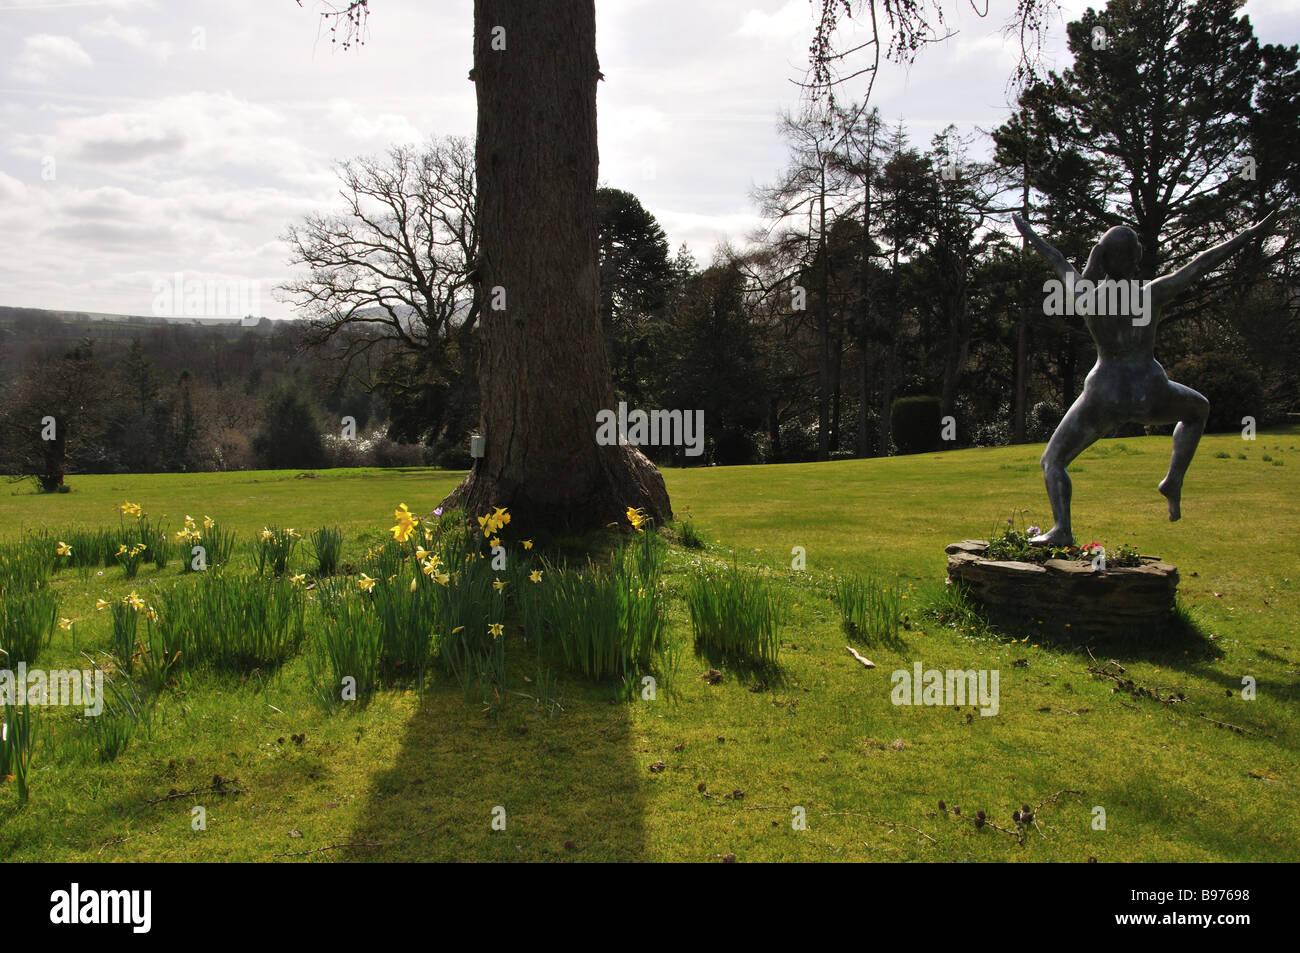 Rhos y Gilwen - Stock Image